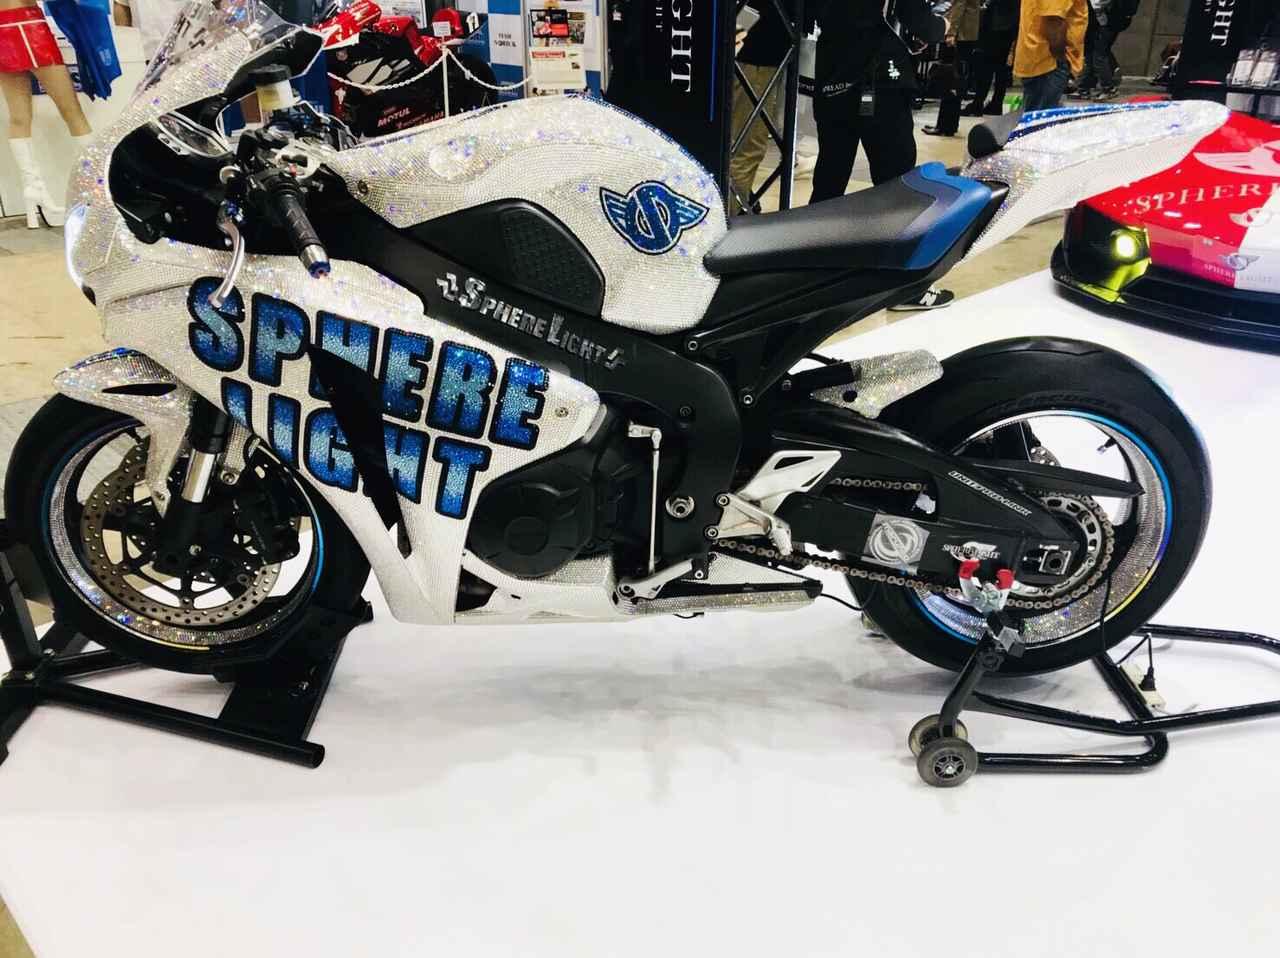 画像4: 『東京モーターサイクルショー2018』プレスデーに潜入!!こんなバイクに乗ってみたい!いや!乗せて♡笑